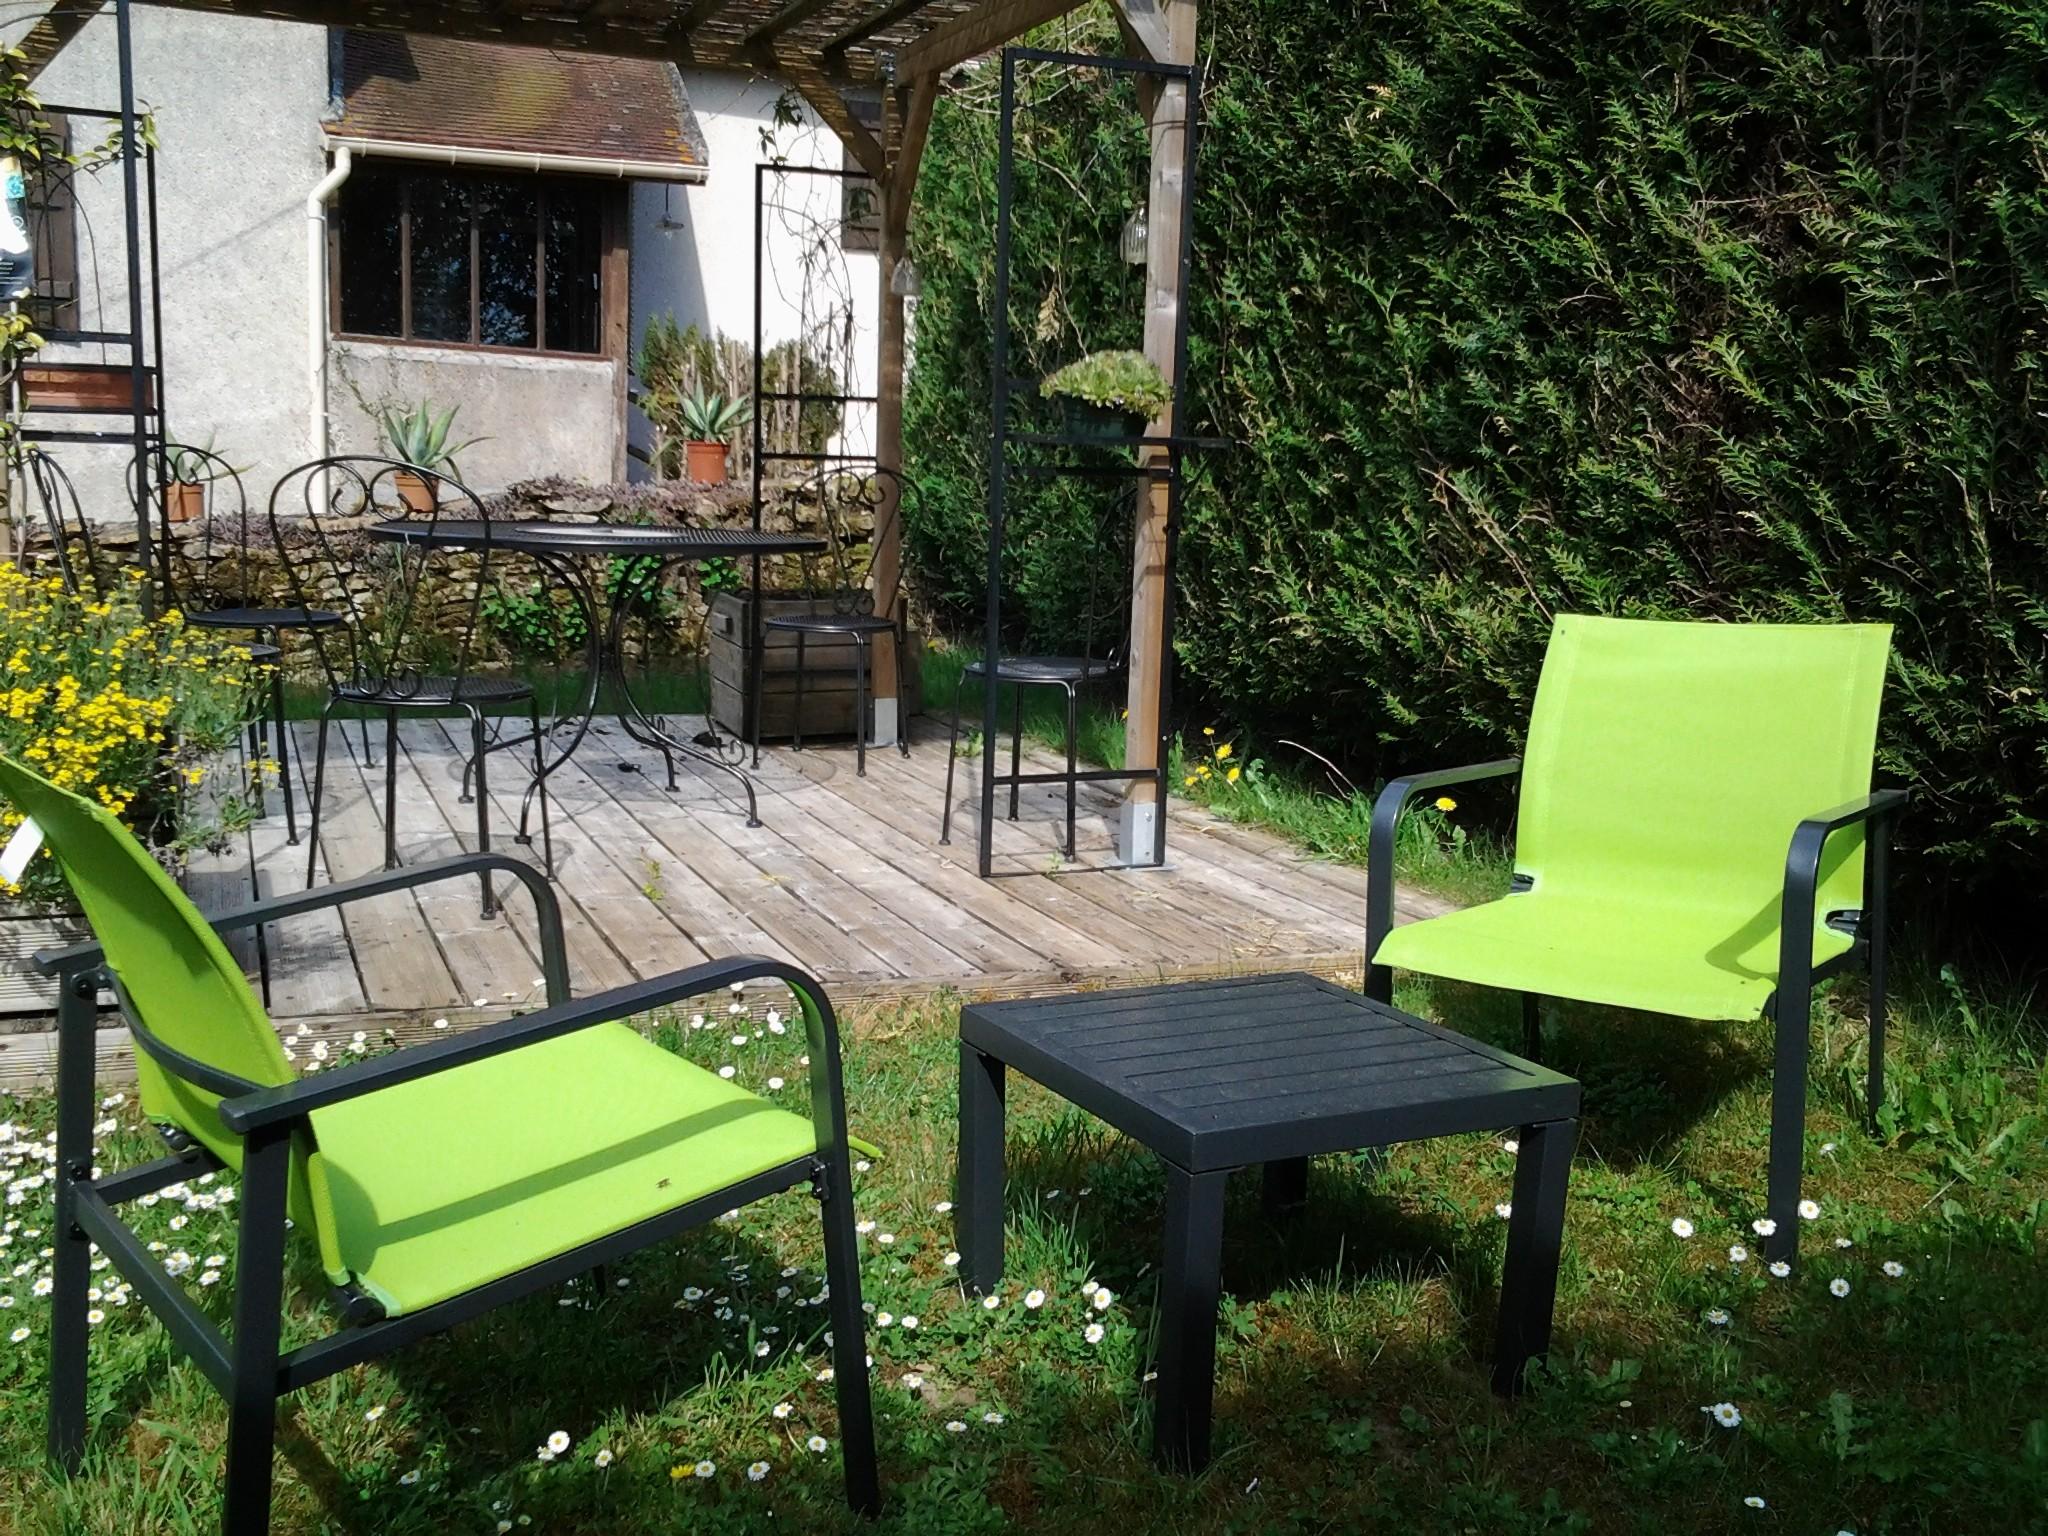 Gite rural fer genouilly france 71 jardin for Jardin 71